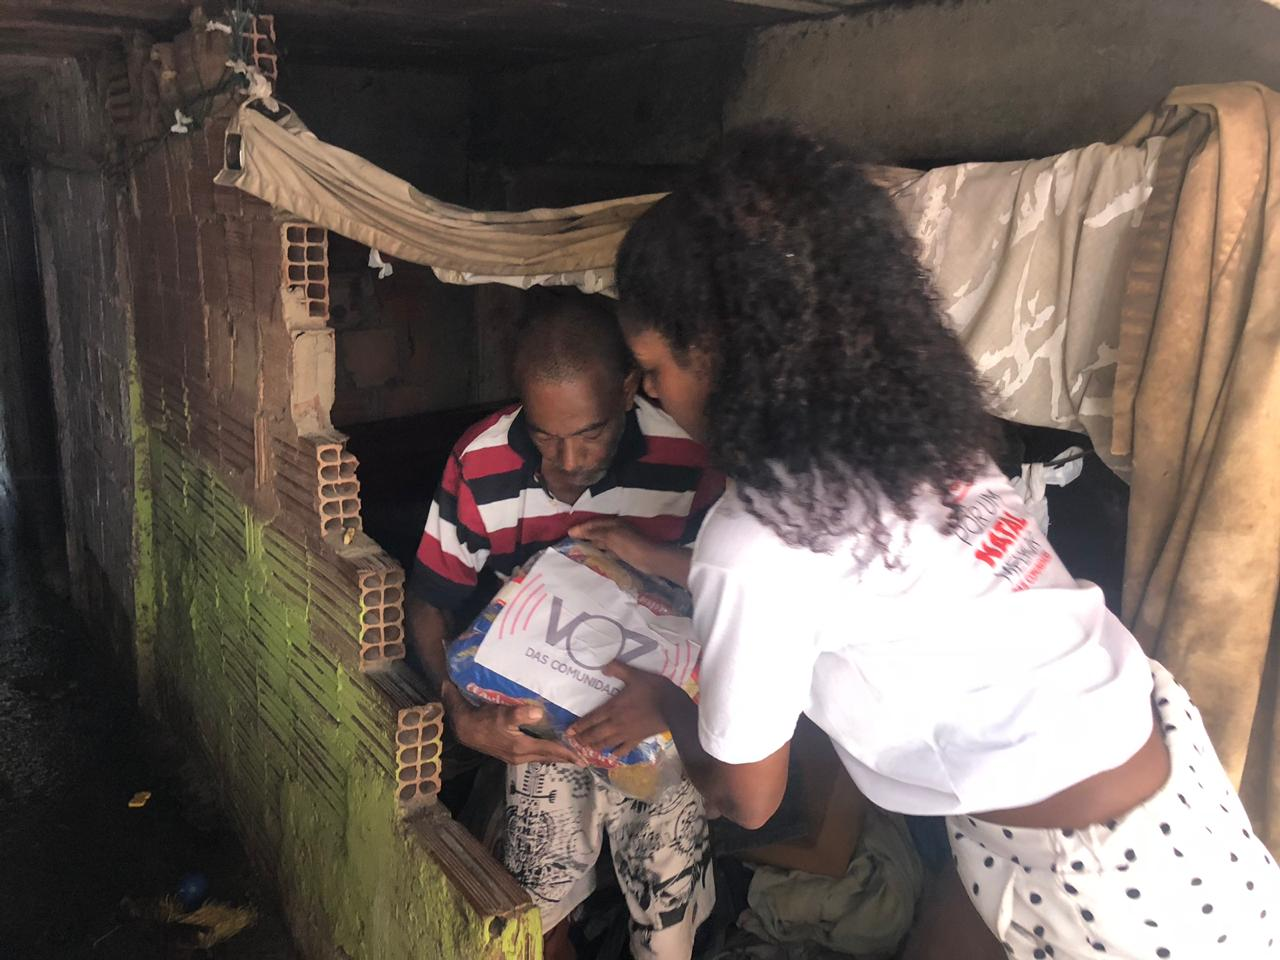 Campanha Por Um Natal Melhor bate recorde e ONG Voz das Comunidades doa 10 toneladas de alimentos